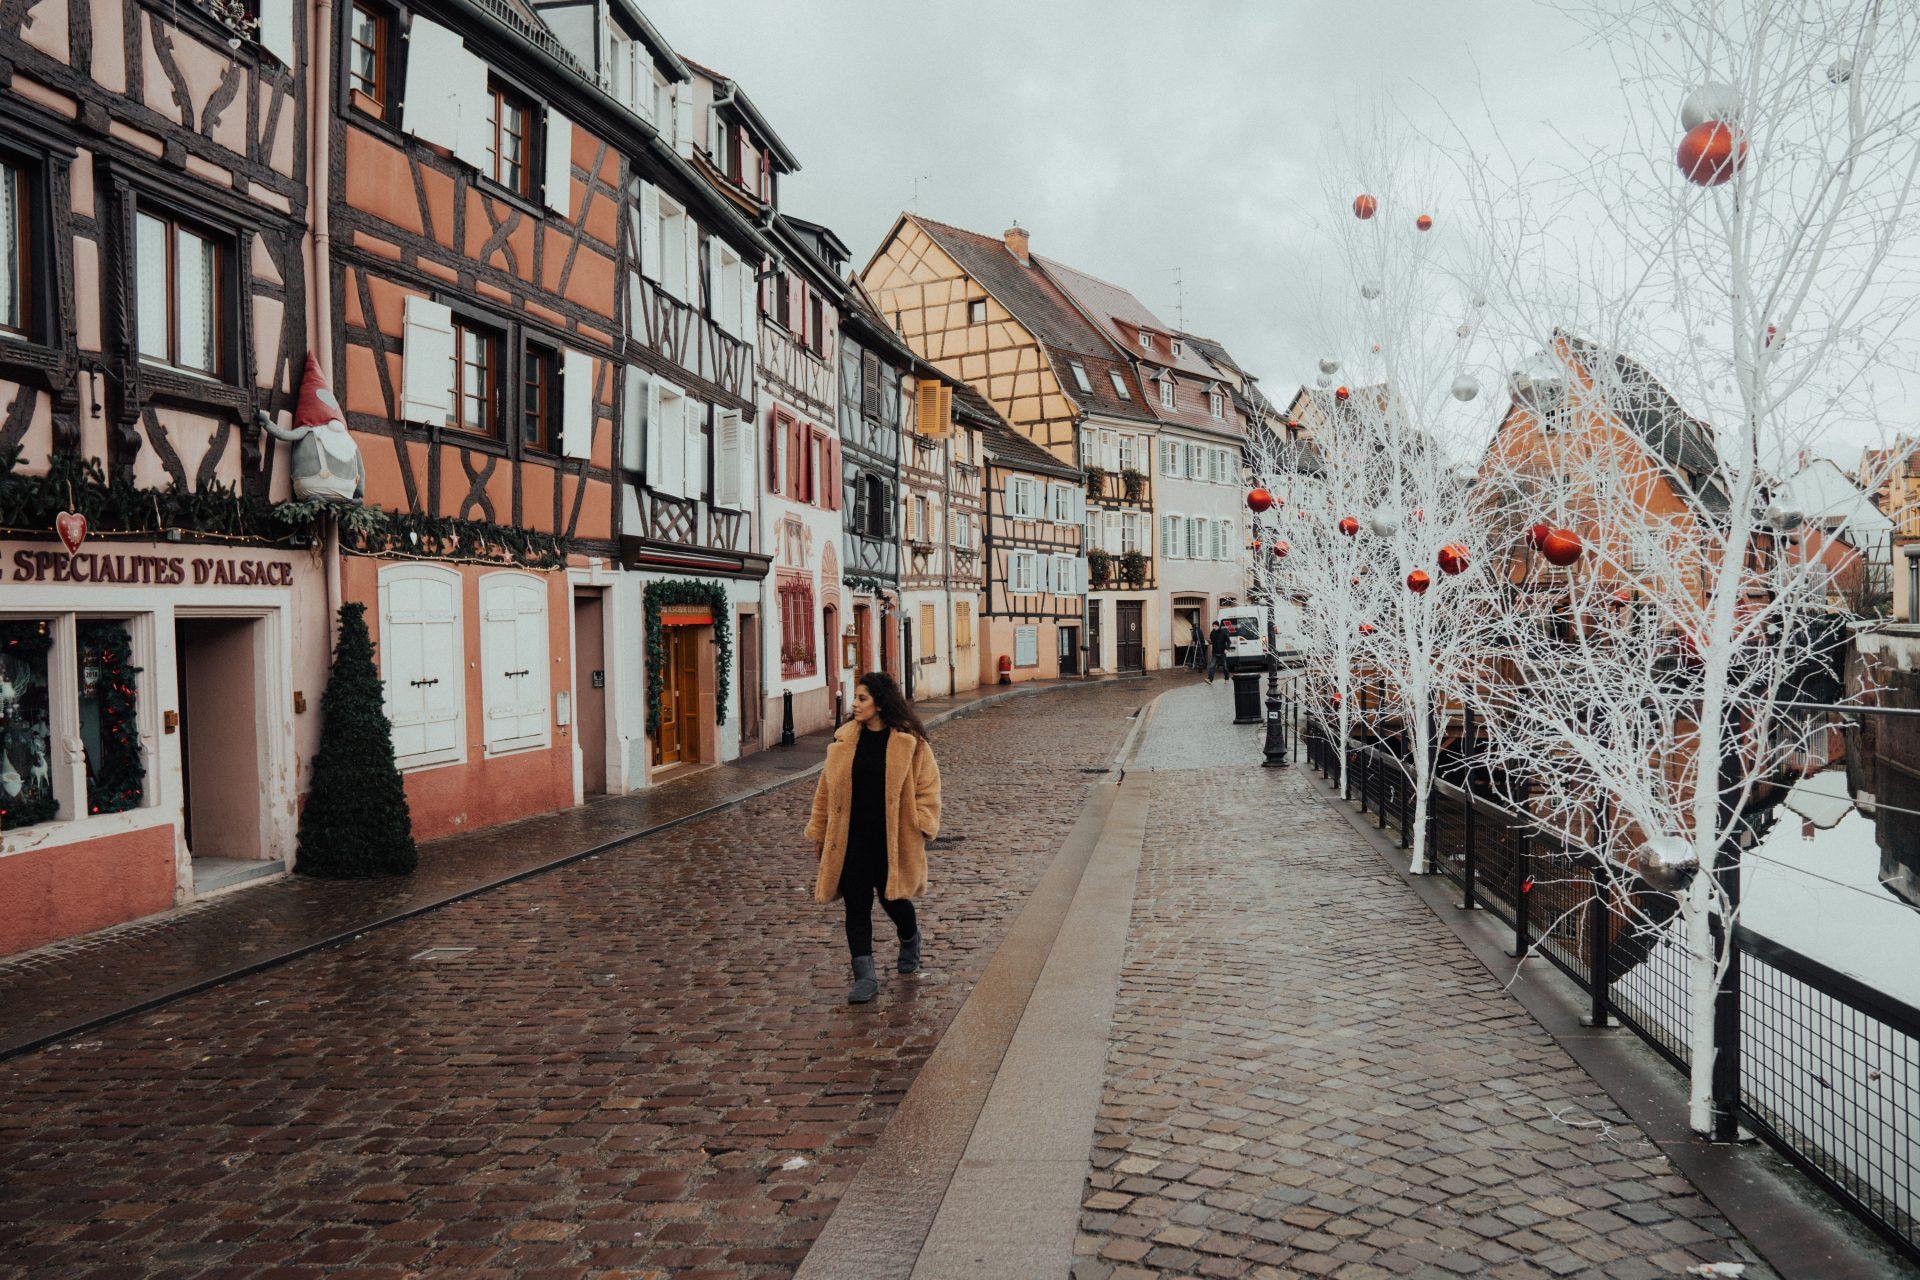 Qué hacer en Colmar en 1 día